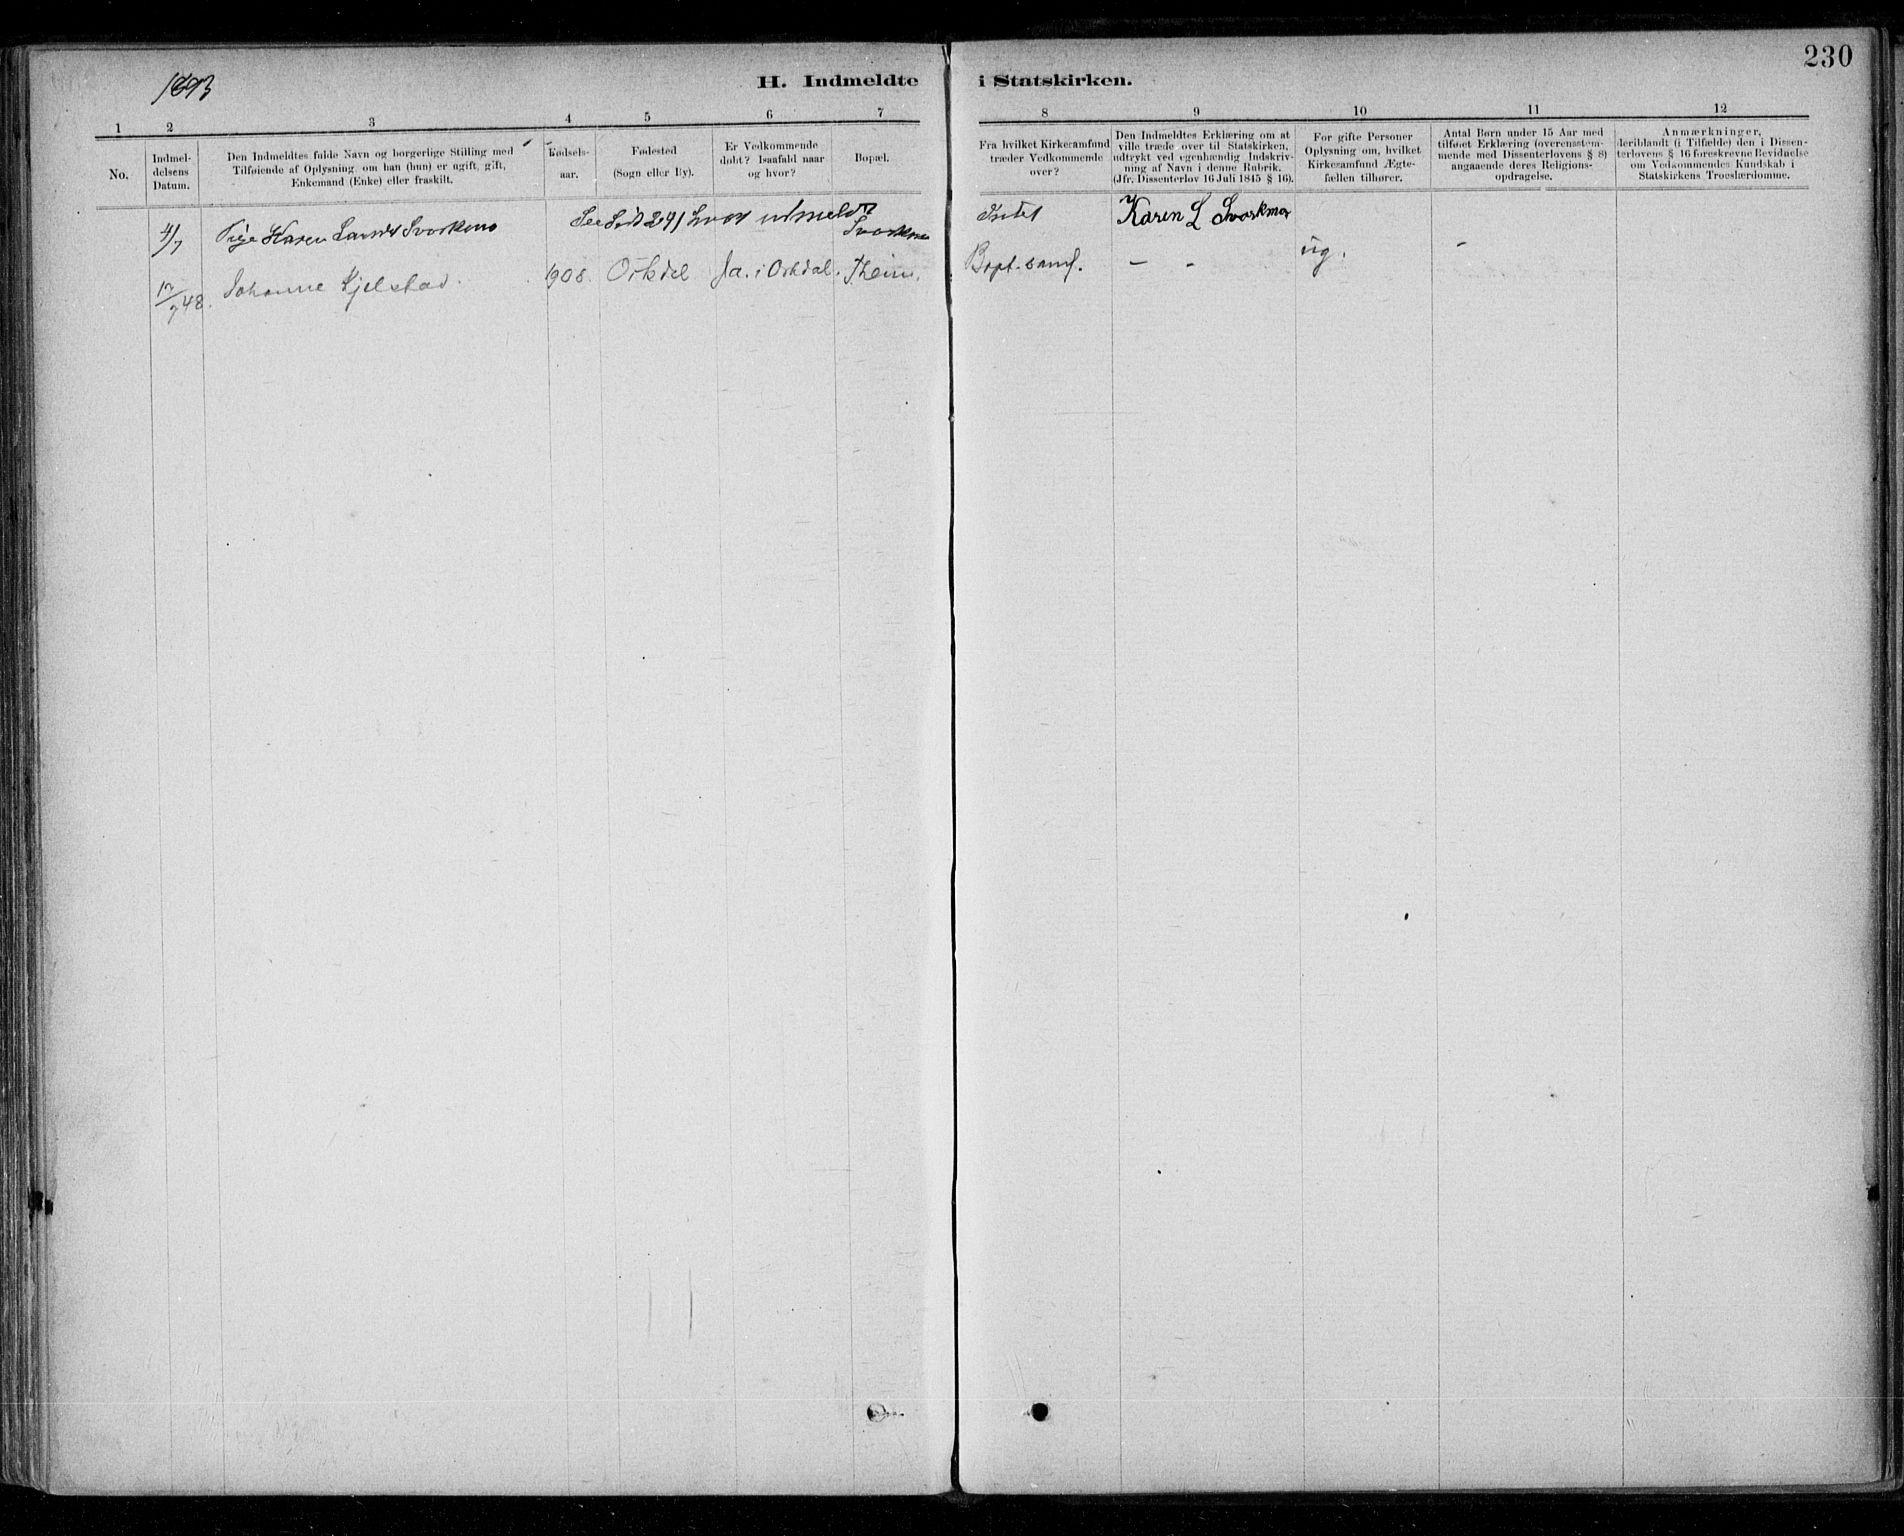 SAT, Ministerialprotokoller, klokkerbøker og fødselsregistre - Sør-Trøndelag, 668/L0810: Ministerialbok nr. 668A10, 1881-1894, s. 230